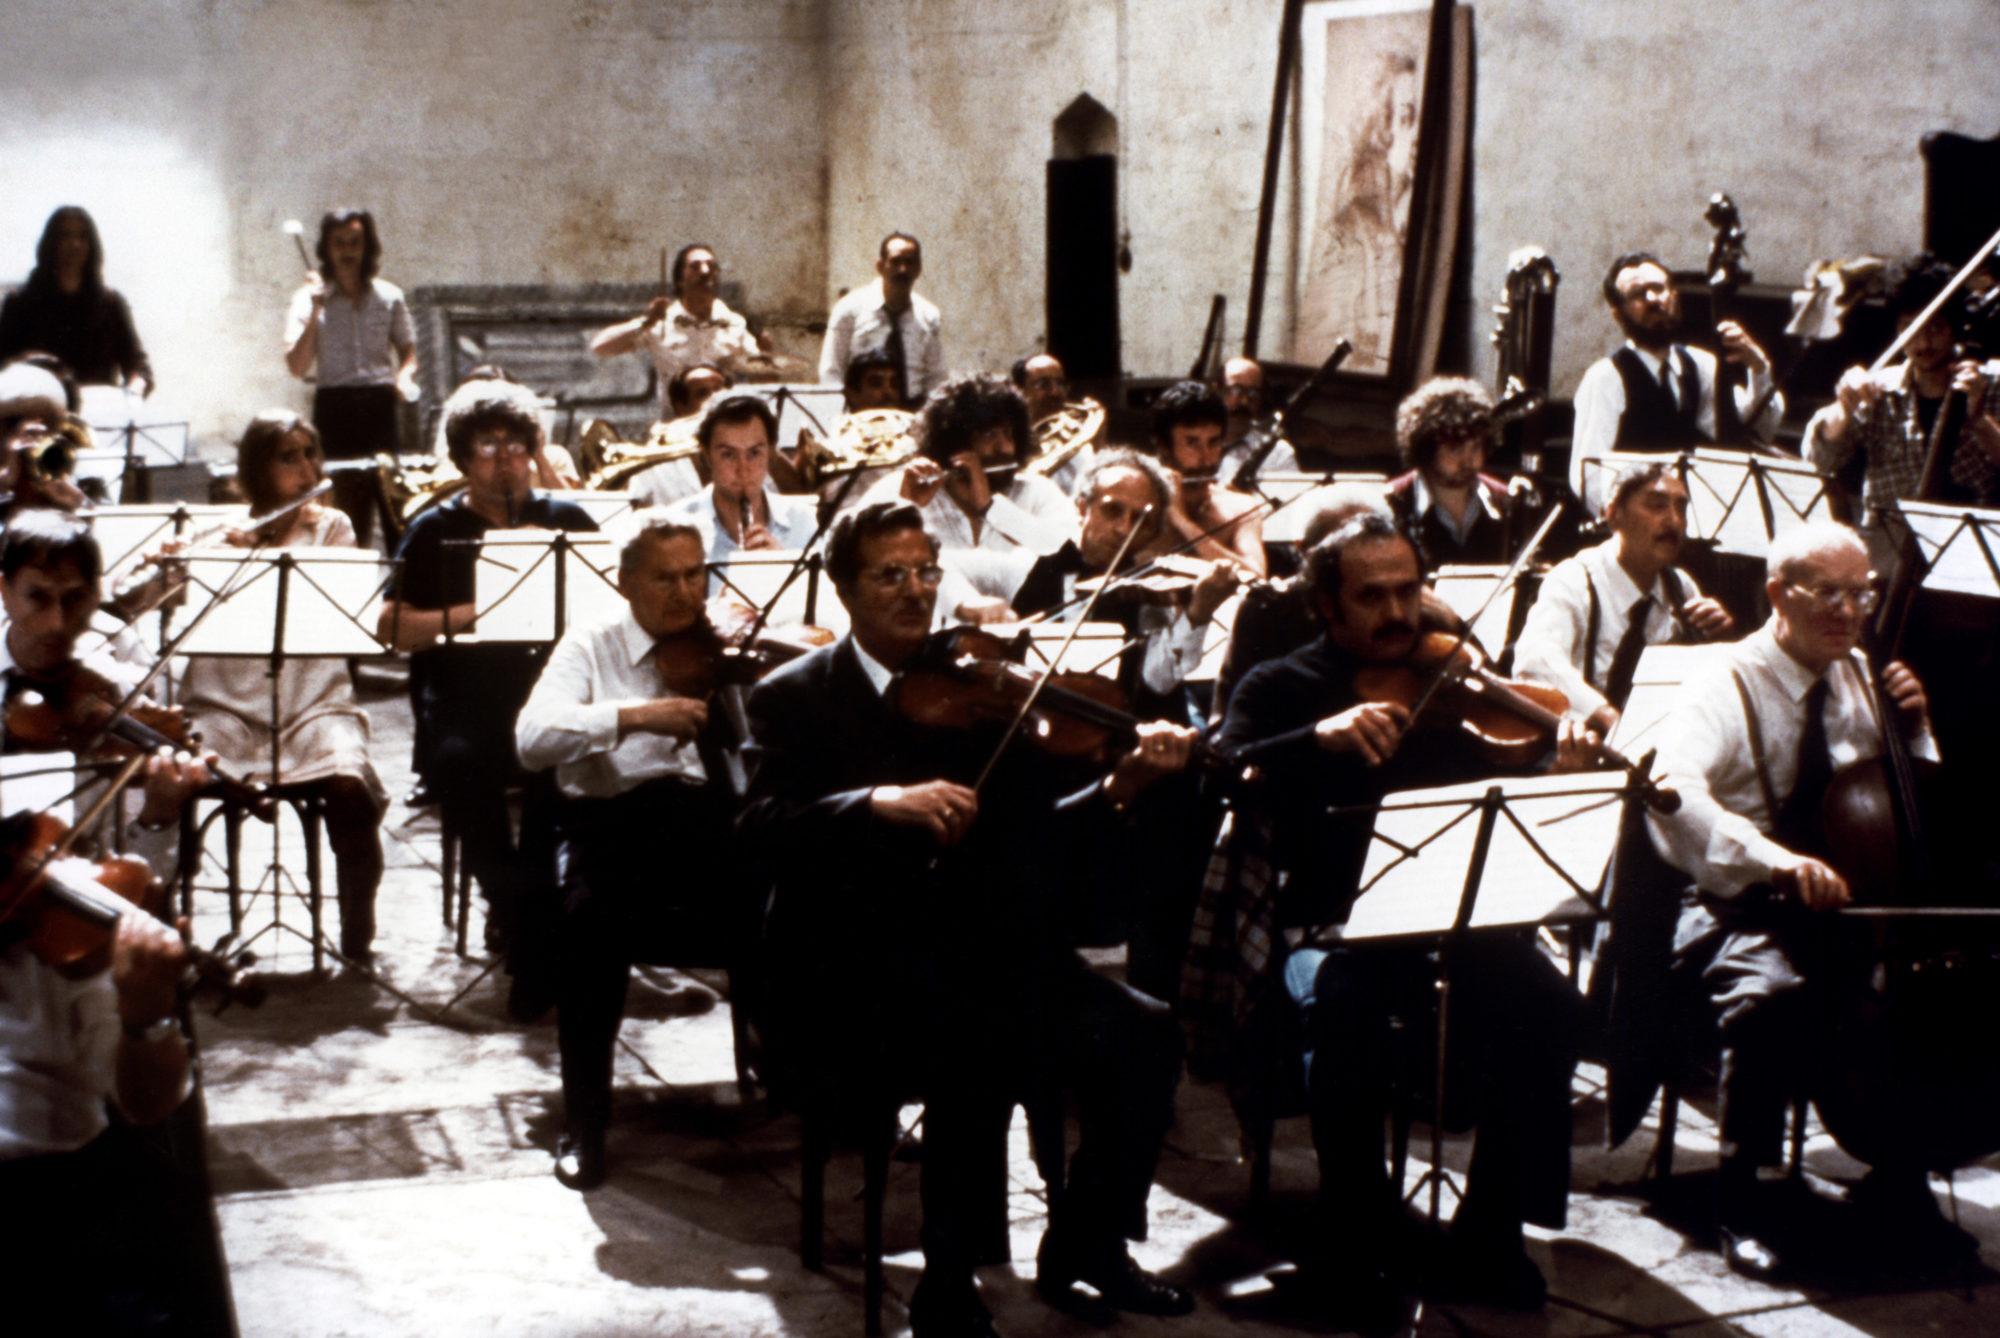 répétition d'orchestre fellini